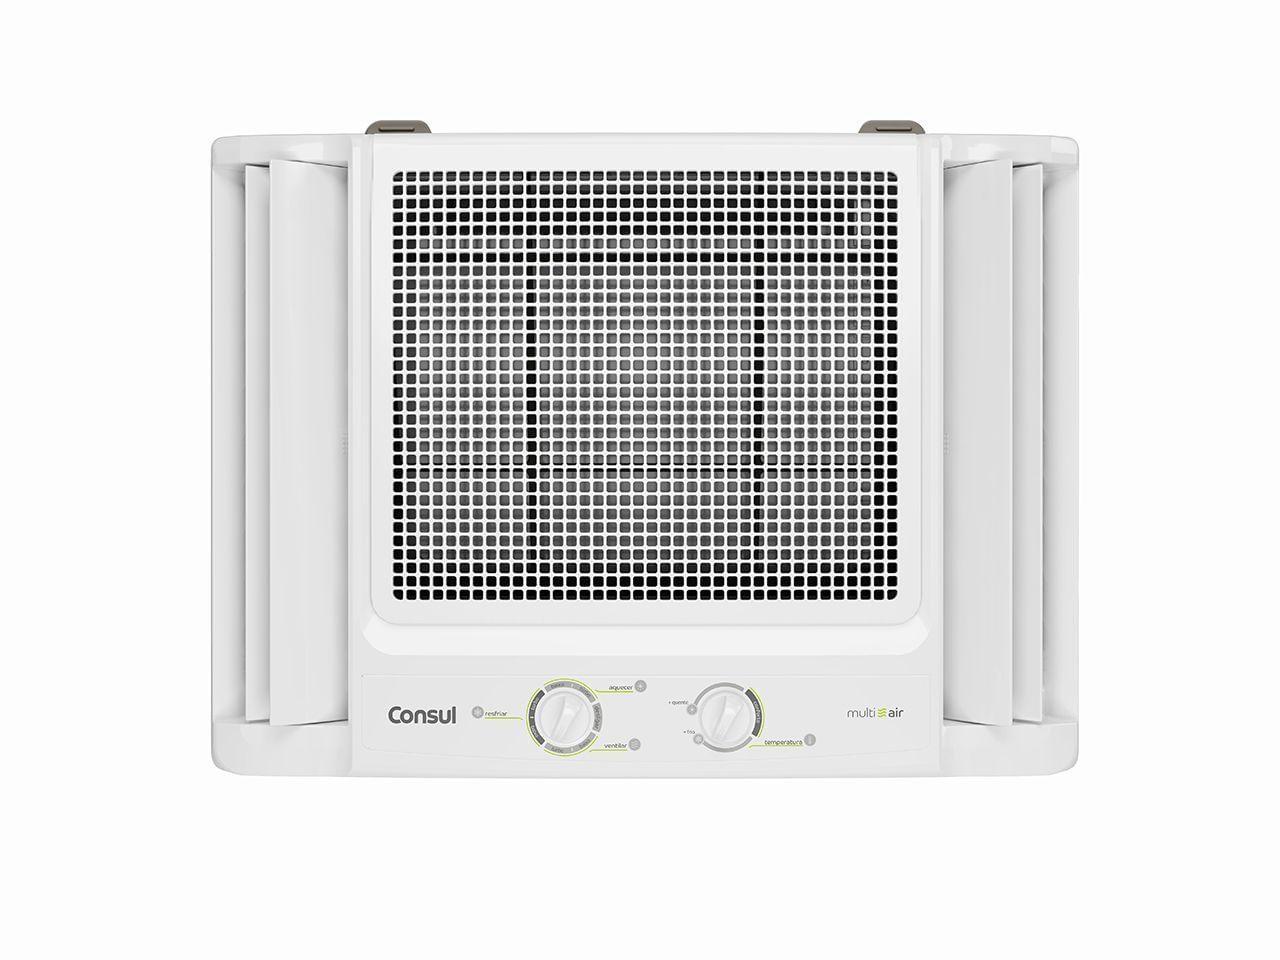 Ar condicionado de janela - ar condicionado janela 7.500 e 10.000 btus branco quente e frio com filtro anti poeira - CCS